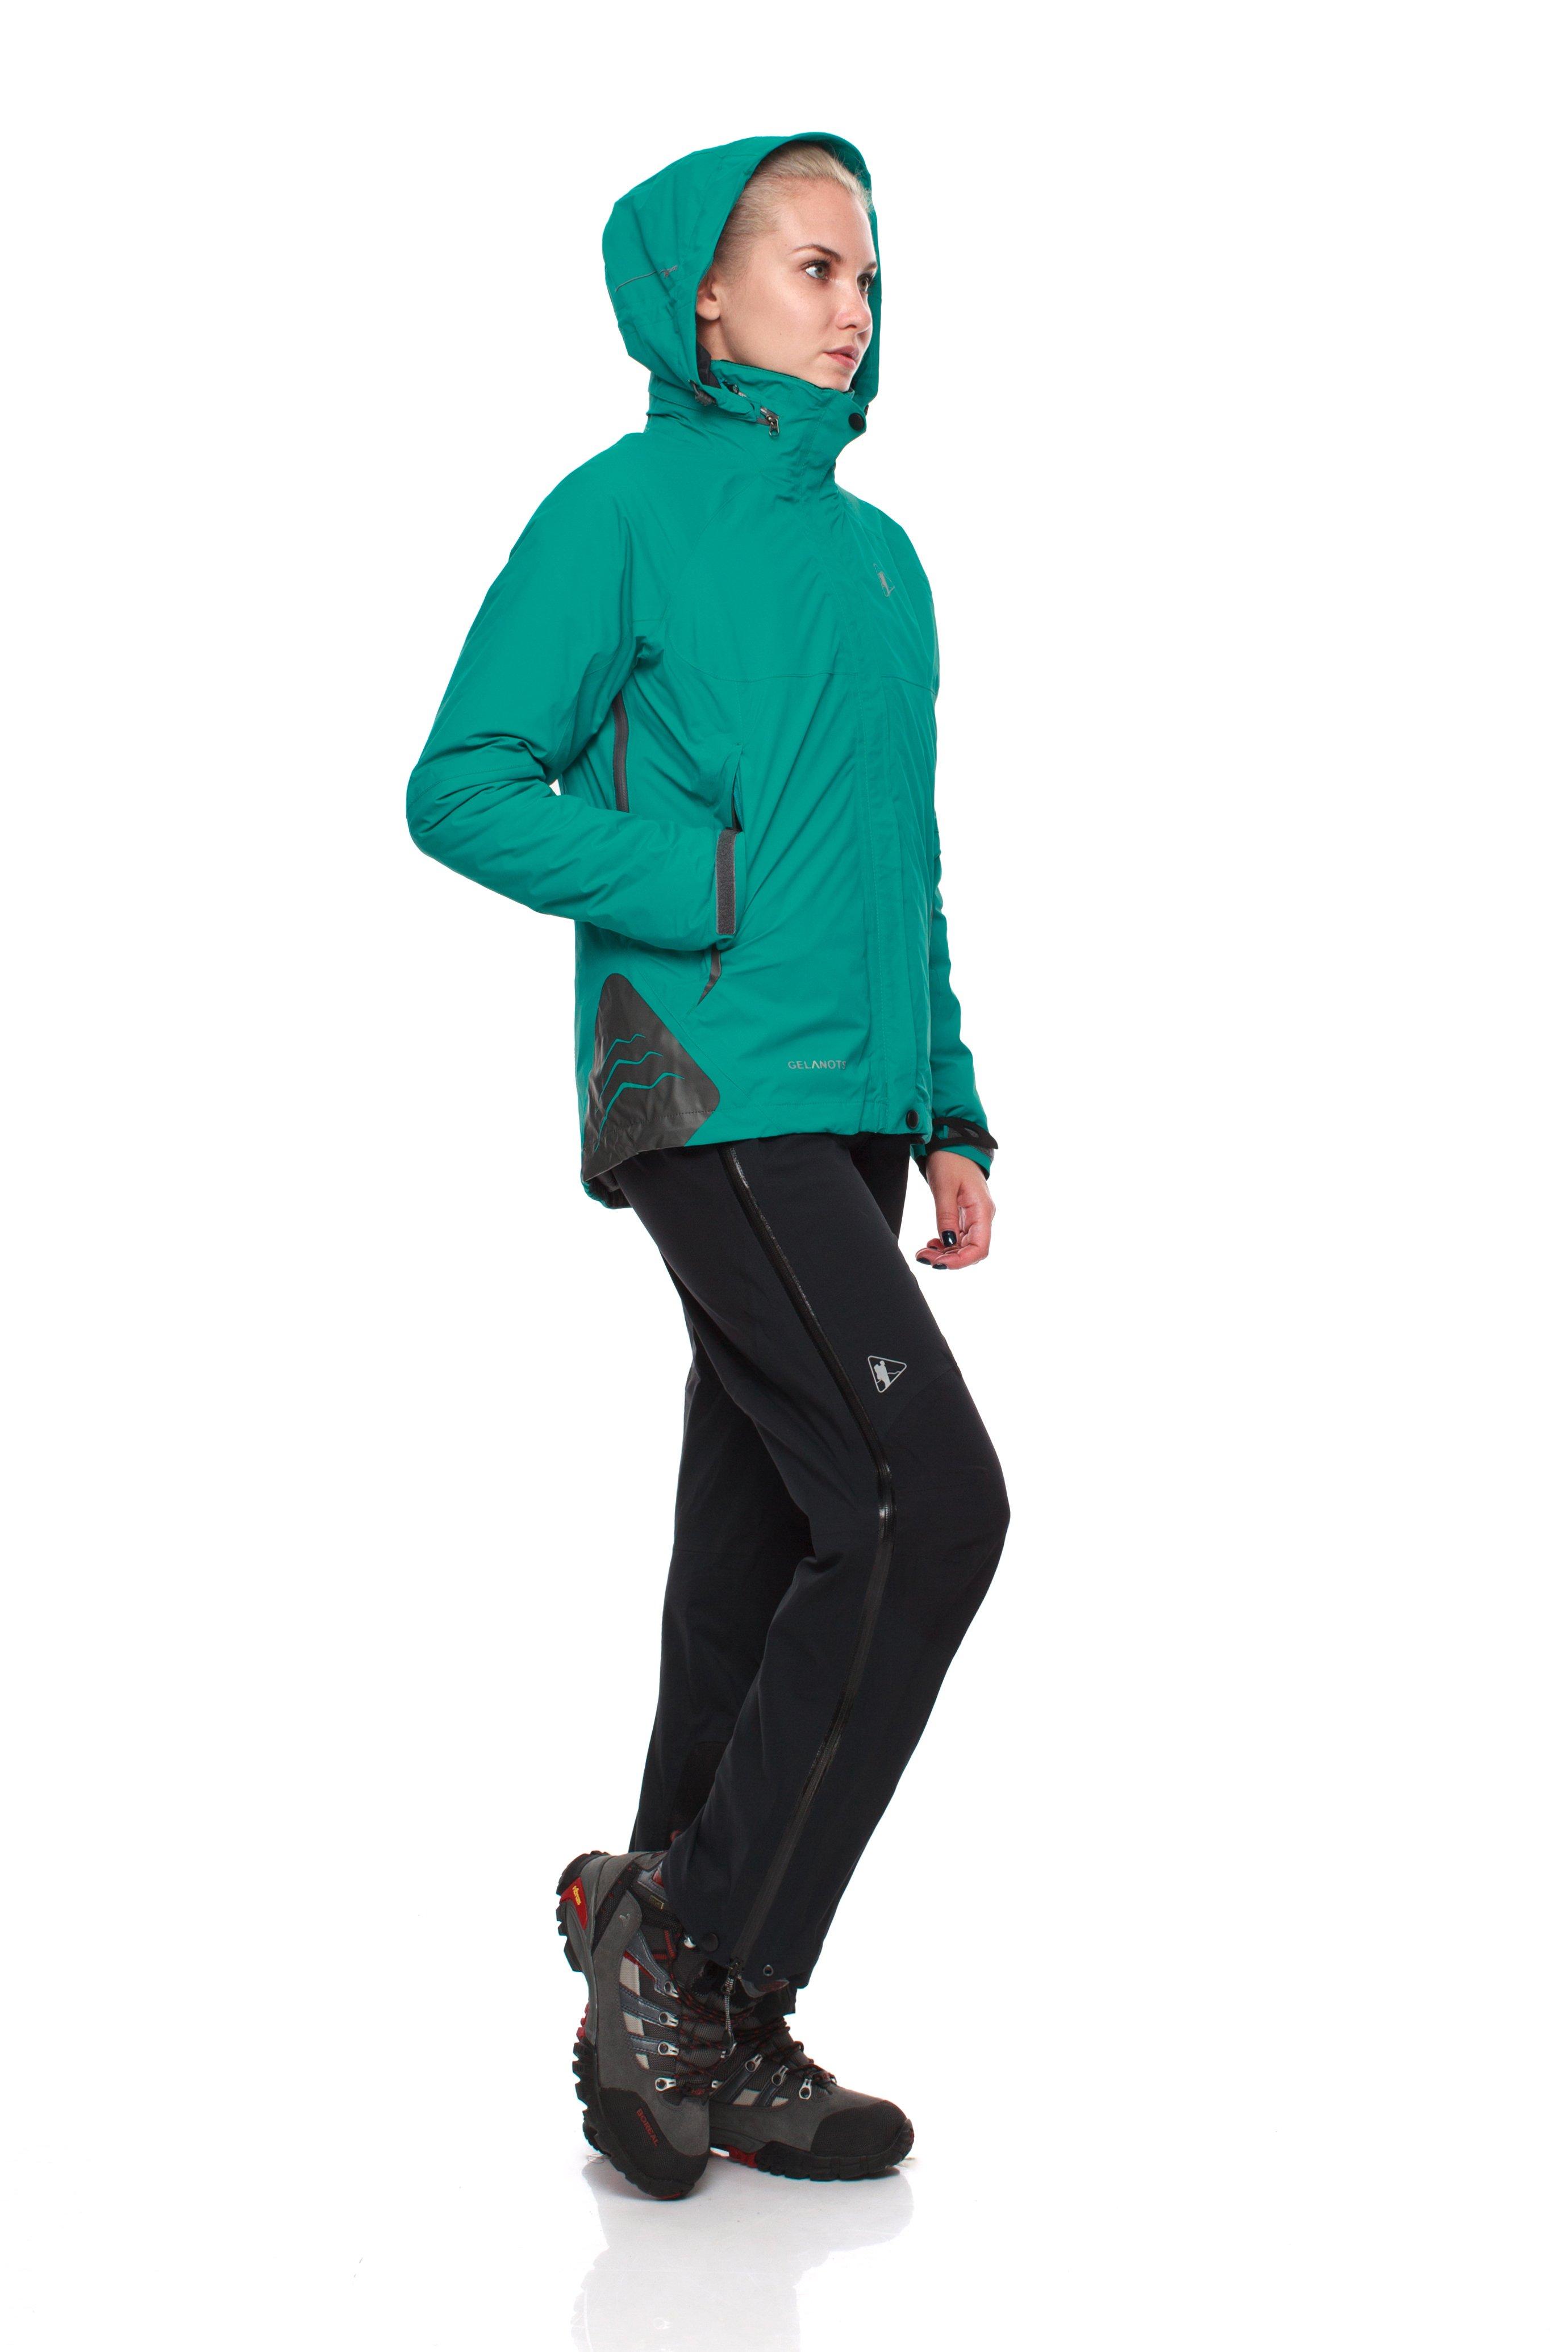 Куртка BASK KAMI LADY 3889Женская куртка два в одном, универсальный комплект для сложных погодных условий: верхняя куртка из мембраной ткани, подстёжка из мягкого флиса.&amp;nbsp;<br><br>Верхняя ткань: Gelanots® 2L<br>Вес граммы: 1430<br>Ветро-влагозащитные свойства верхней ткани: Нет<br>Ветрозащитная планка: Нет<br>Ветрозащитная юбка: Нет<br>Влагозащитные молнии: Нет<br>Внутренние манжеты: Нет<br>Внутренняя ткань: Polyester Mesh, Nylon Taffeta<br>Дублирующий центральную молнию клапан: Нет<br>Защитный козырёк капюшона: Нет<br>Карман для средств связи: Нет<br>Объемный крой локтевой зоны: Нет<br>Отстёгивающиеся рукава: Нет<br>Пол: Жен.<br>Проклейка швов: Нет<br>Регулировка манжетов рукавов: Нет<br>Регулировка низа: Нет<br>Регулировка объёма капюшона: Нет<br>Регулировка талии: Нет<br>Регулируемые вентиляционные отверстия: Нет<br>Световозвращающая лента: Нет<br>Технология Thermal Welding: Нет<br>Усиление контактных зон: Нет<br>Размер INT: XXS<br>Цвет: КРАСНЫЙ